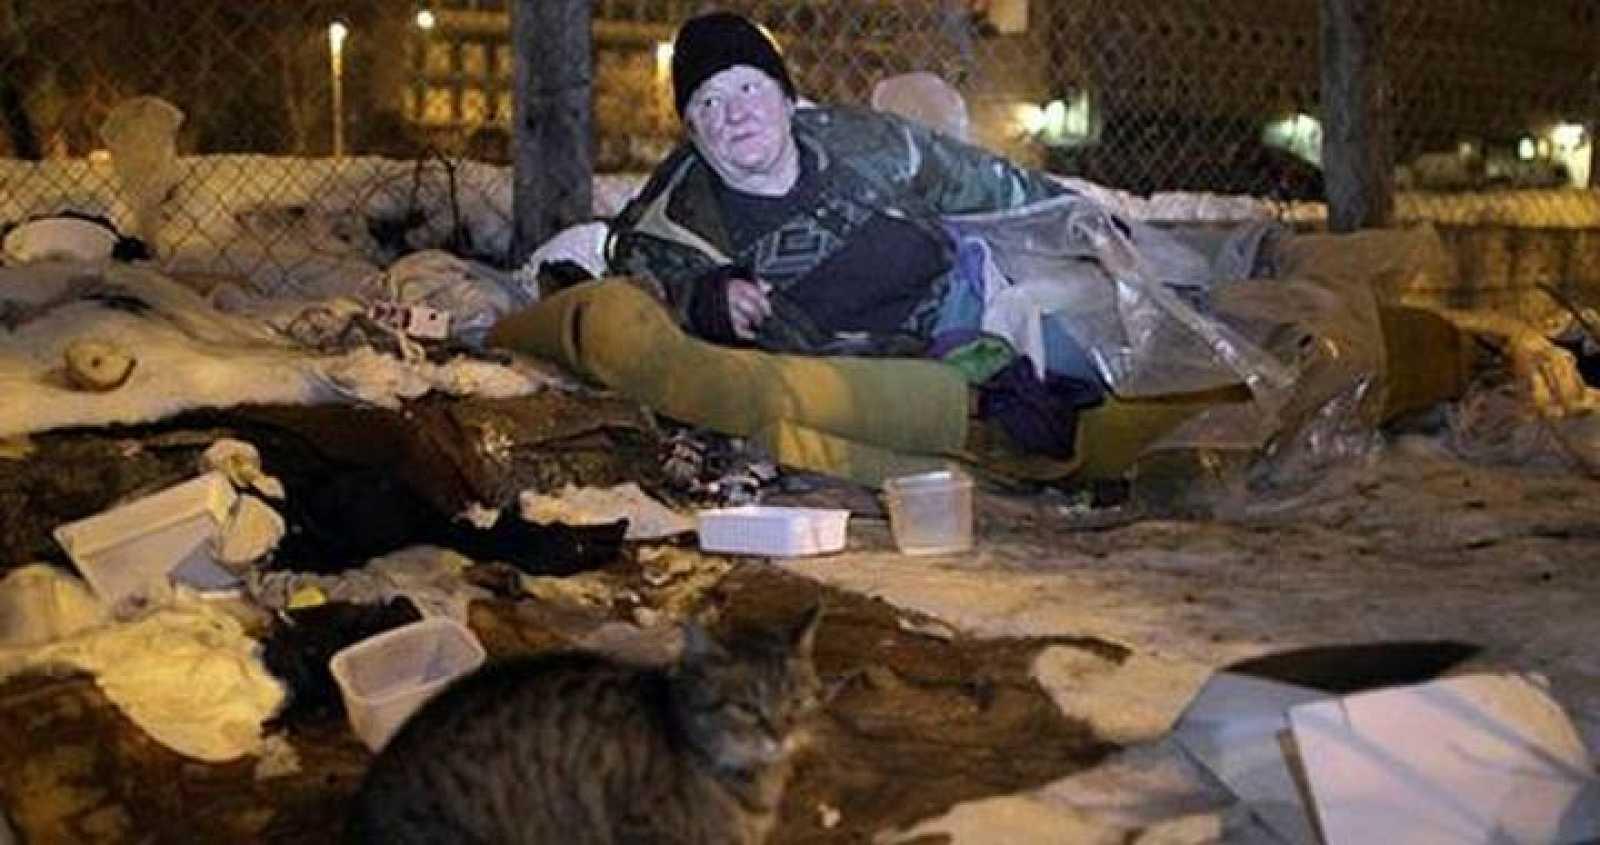 Una mujer sin hogar descansa en un saco de dormir en un parque público en Budapest.